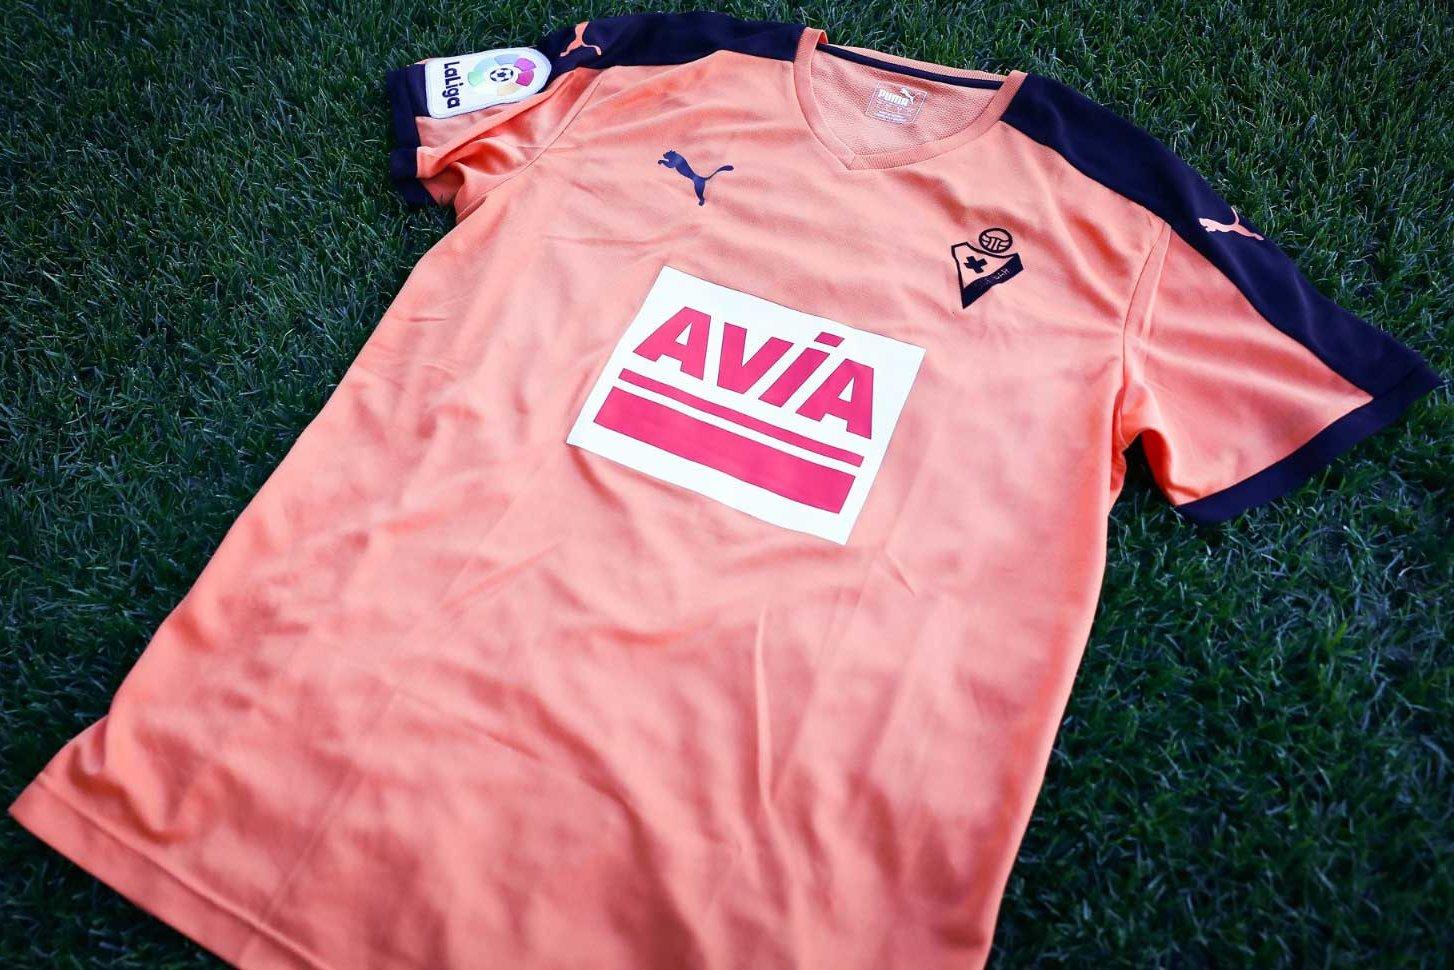 dfe3b8ff53 Puma lança nova terceira camisa do Eibar - Show de Camisas